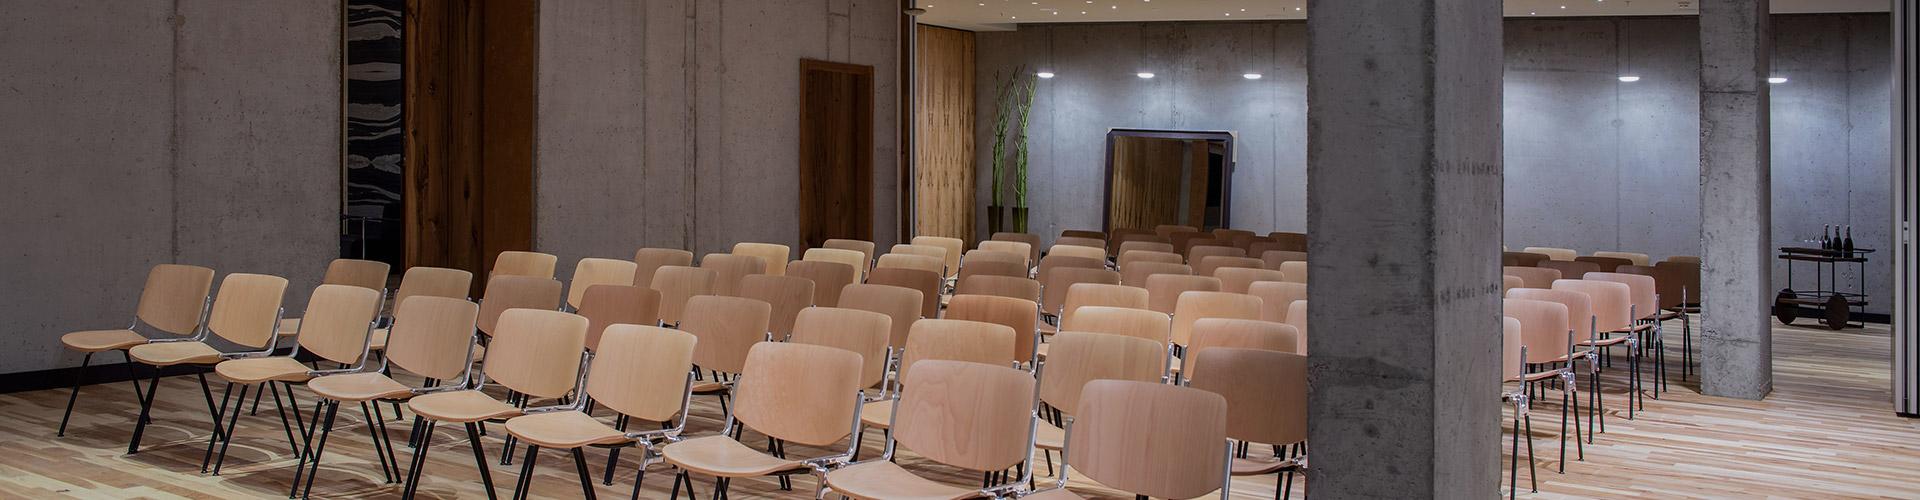 Hotel-warszawa-pieciogwiazkowy-hotel-w-centrum-warszawy-galeria